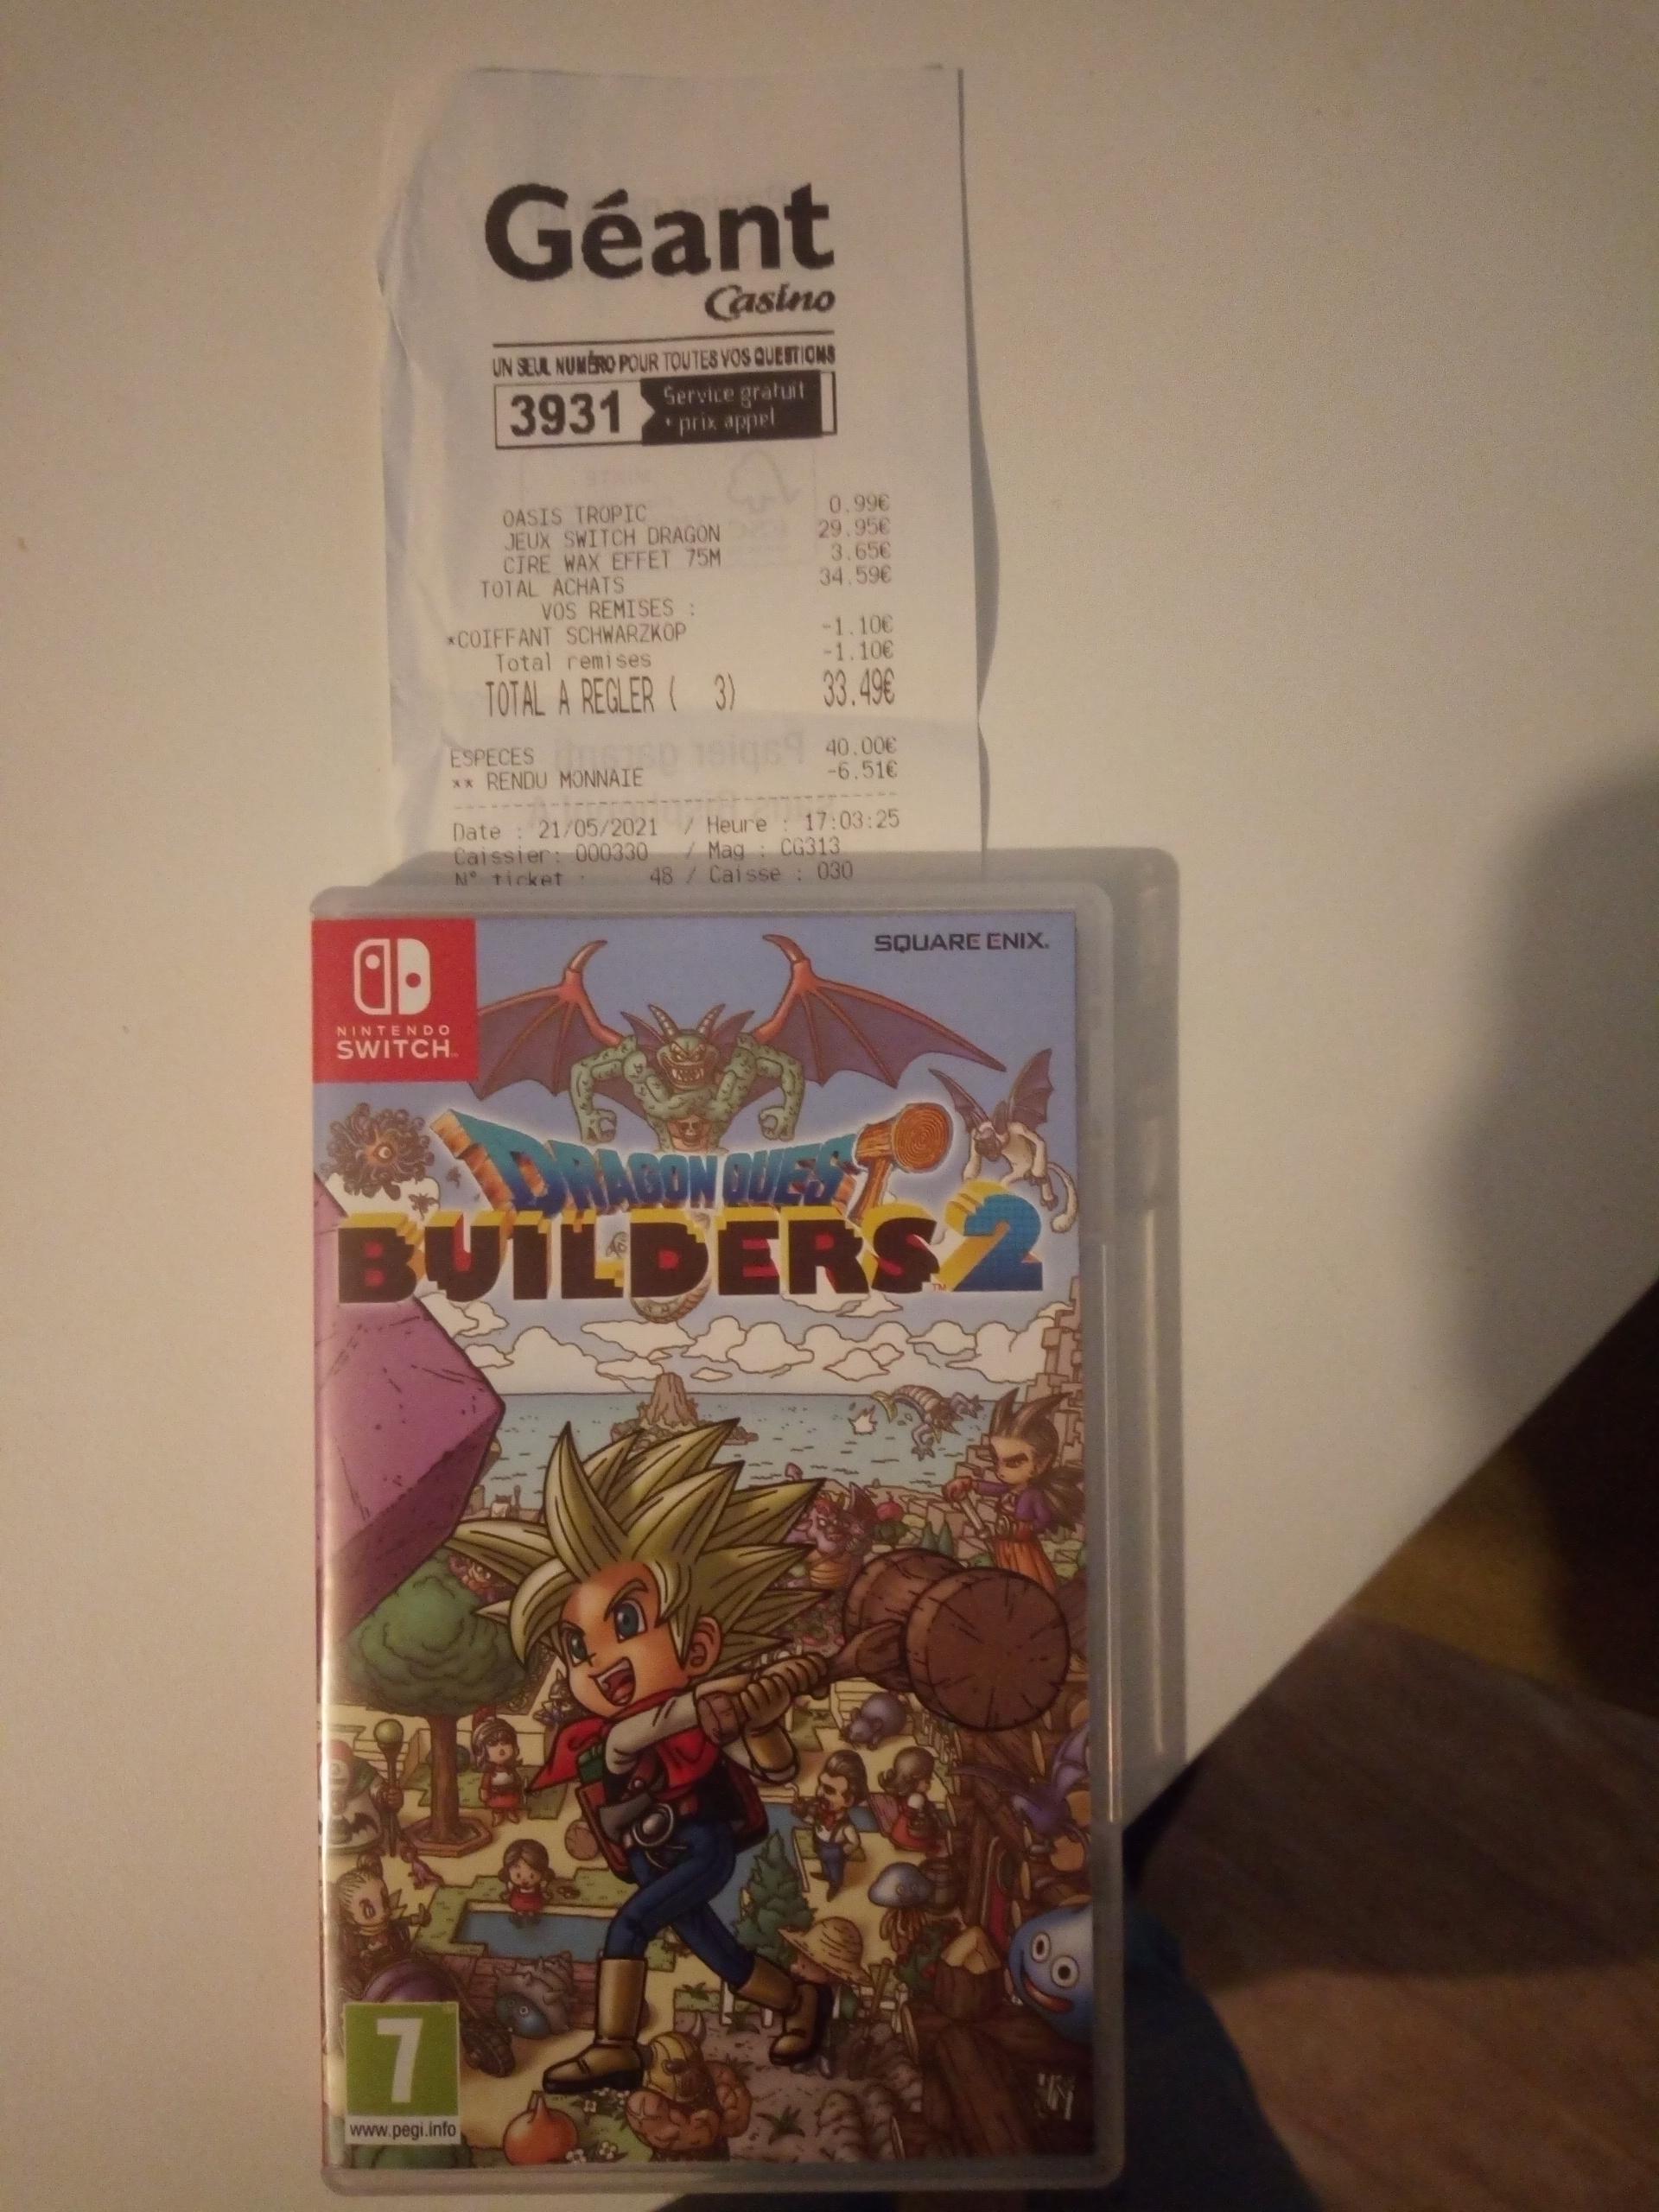 Jeu Dragon quest builder 2 sur Nintendo Switch - Géant Vals (43)